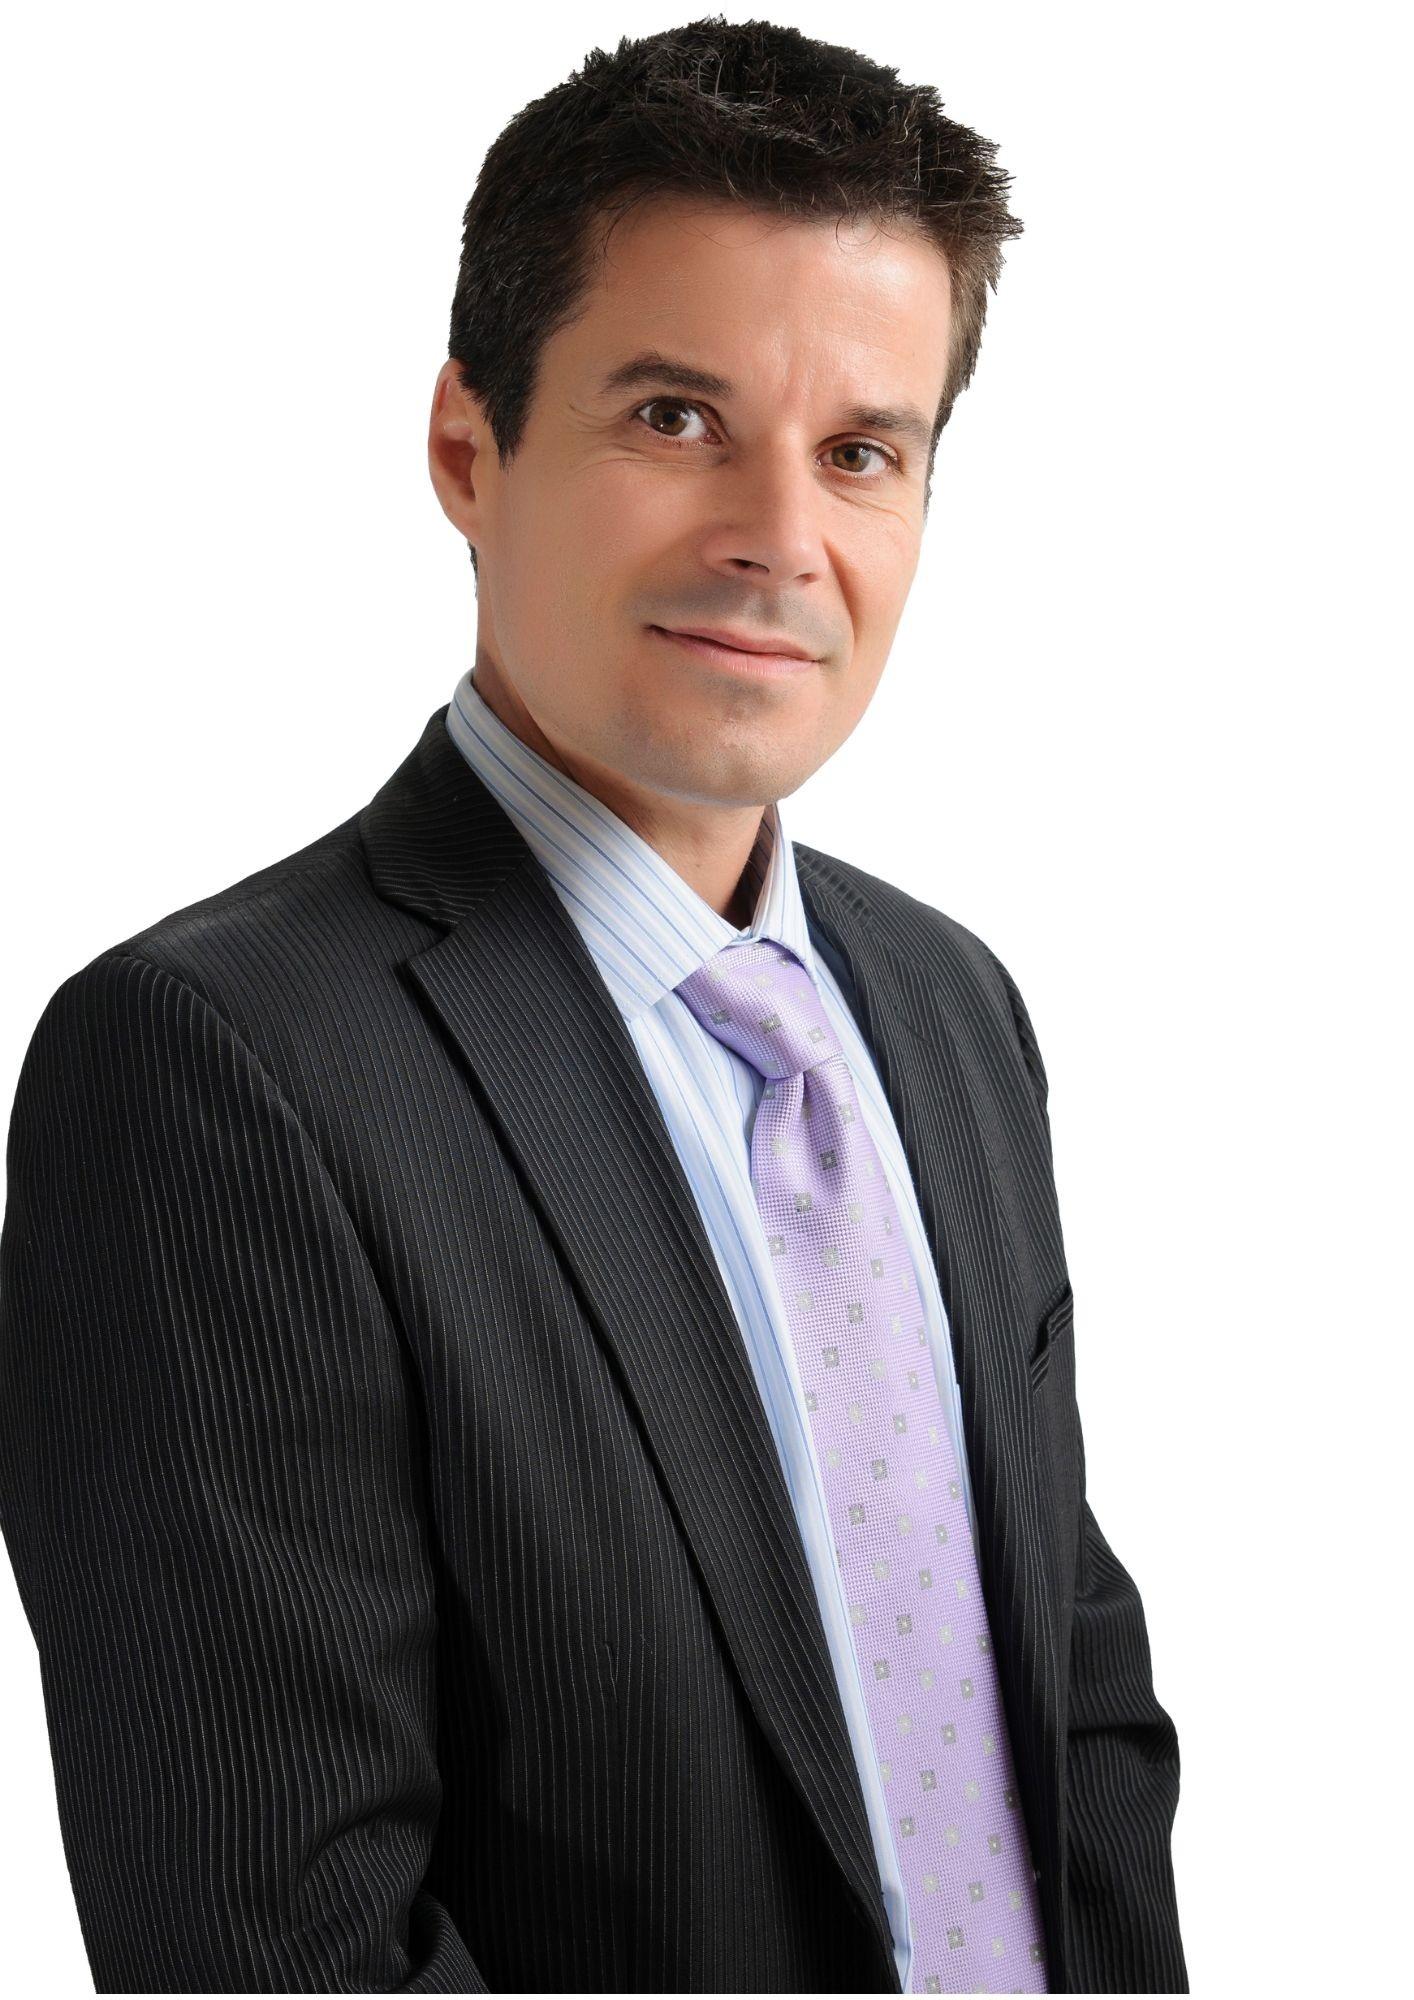 Antonio Garrido Ramos